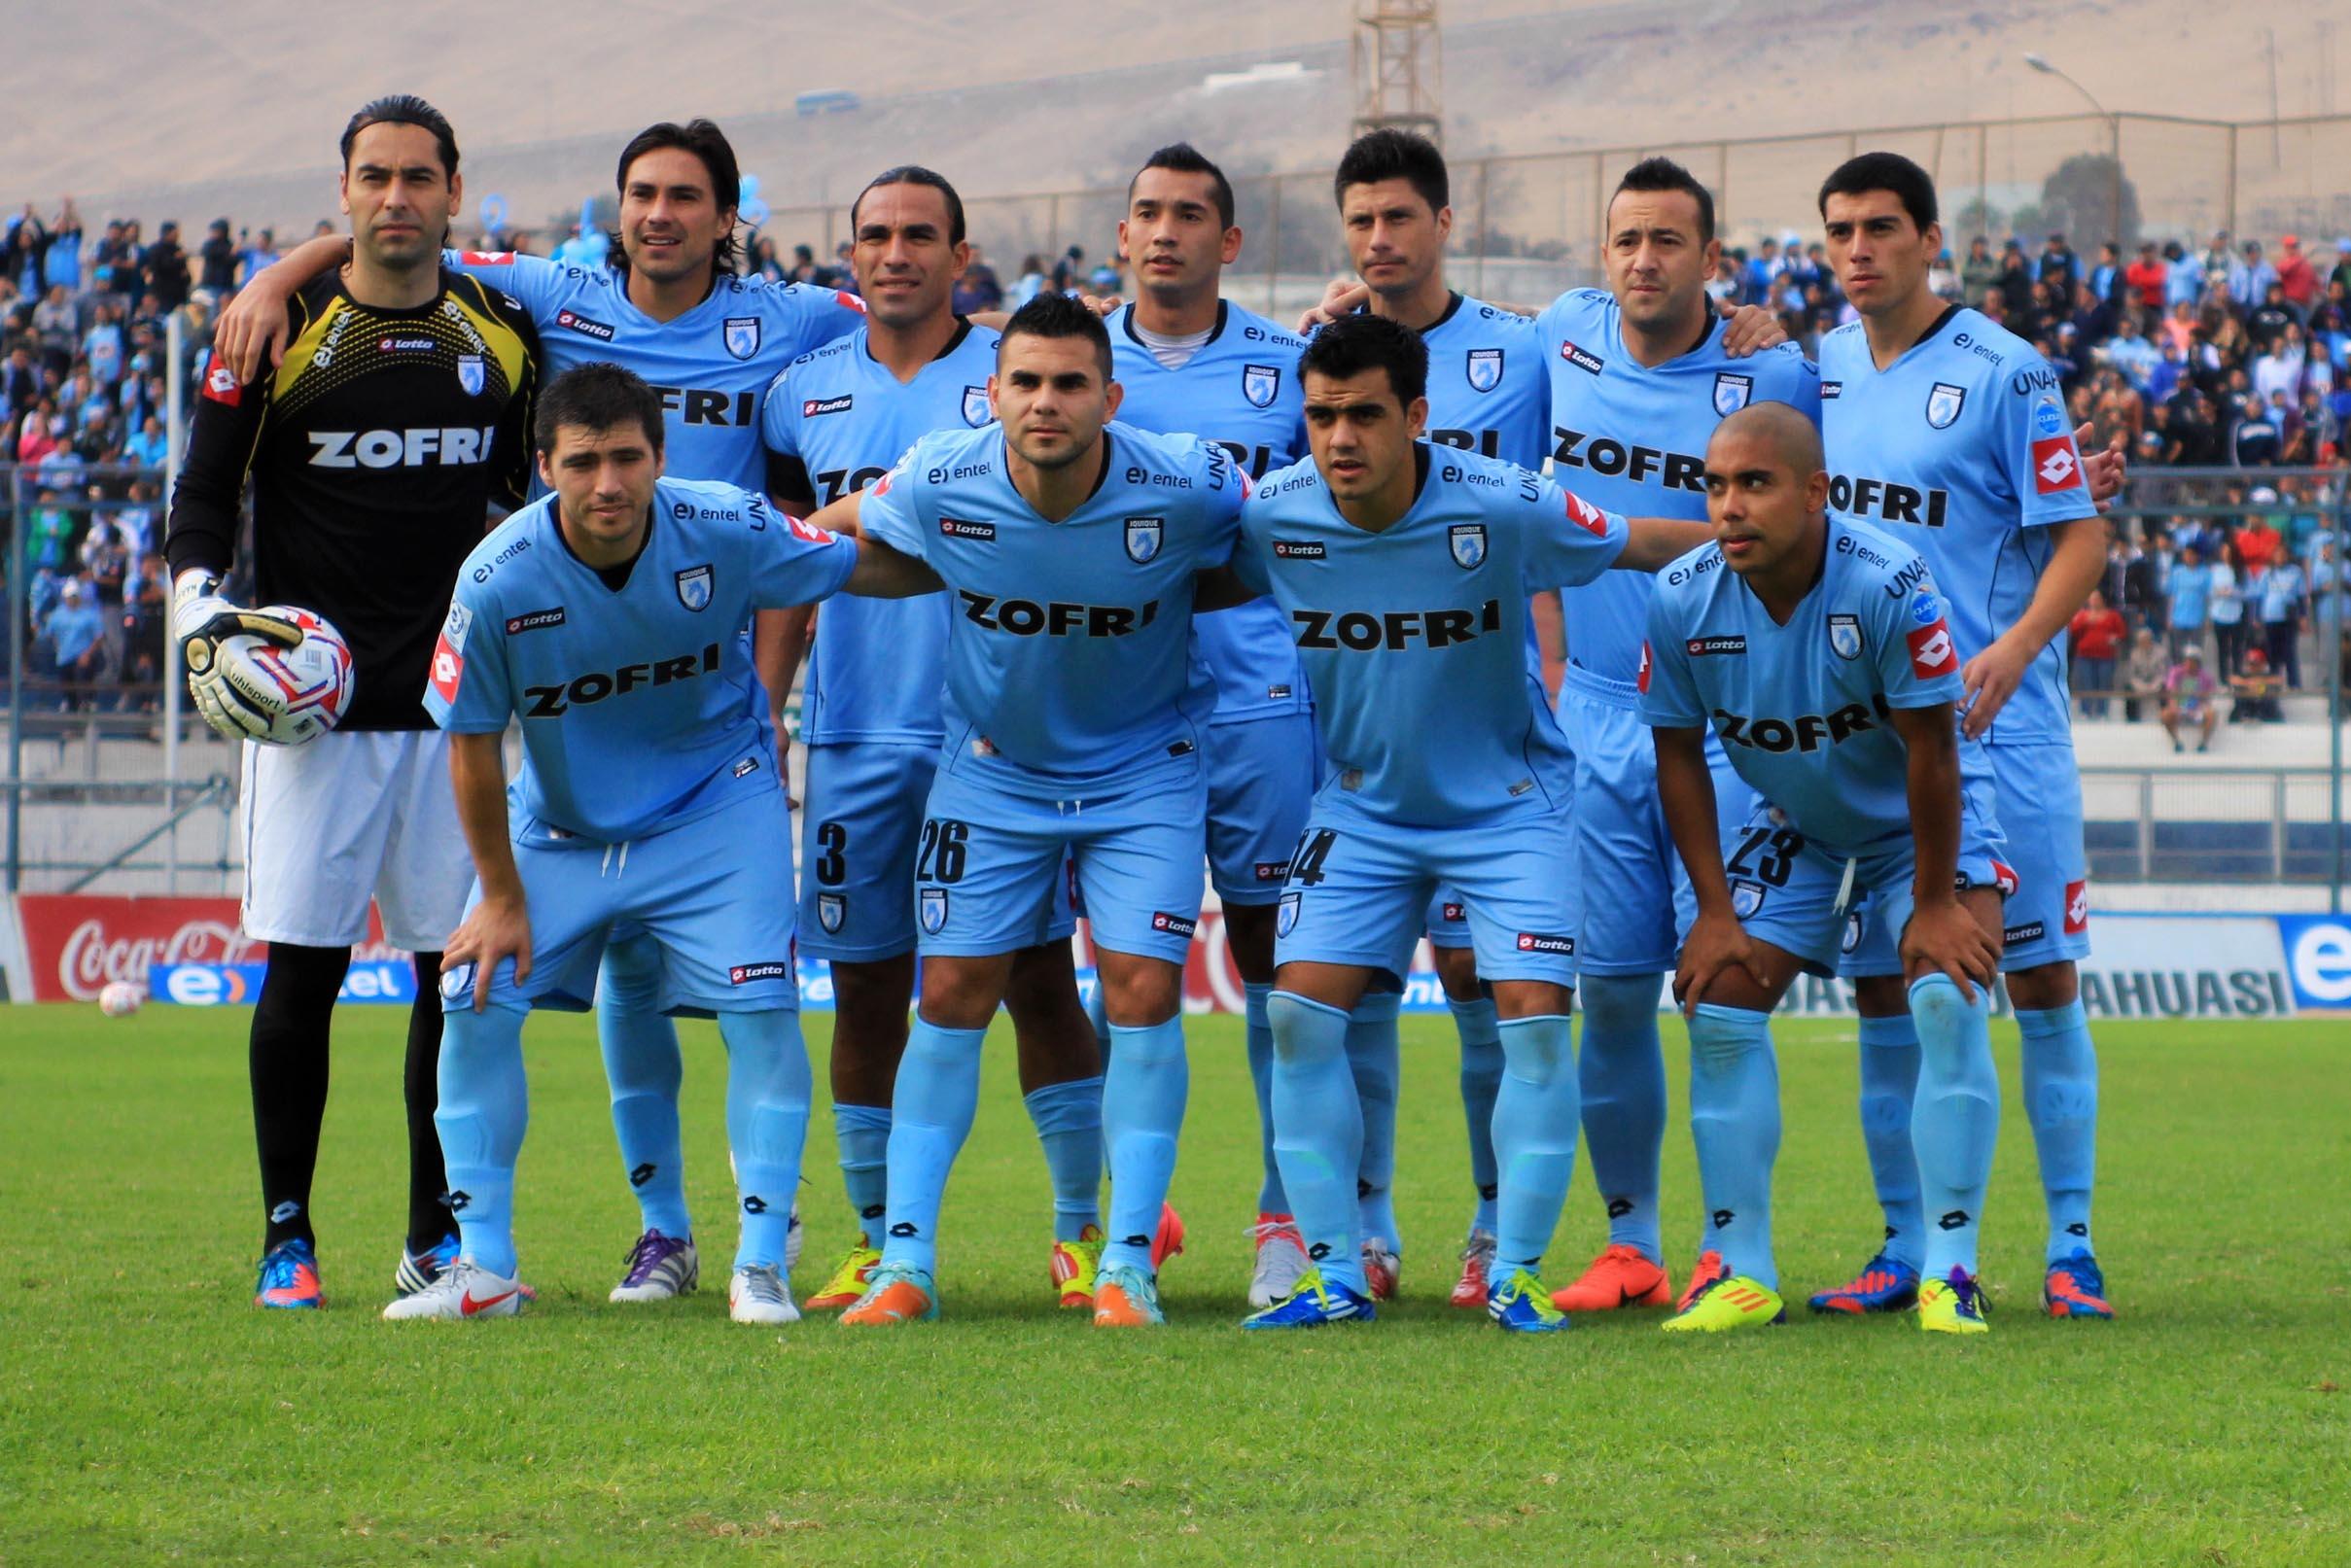 Primera Division Cile, seconda giornata: si chiude il programma